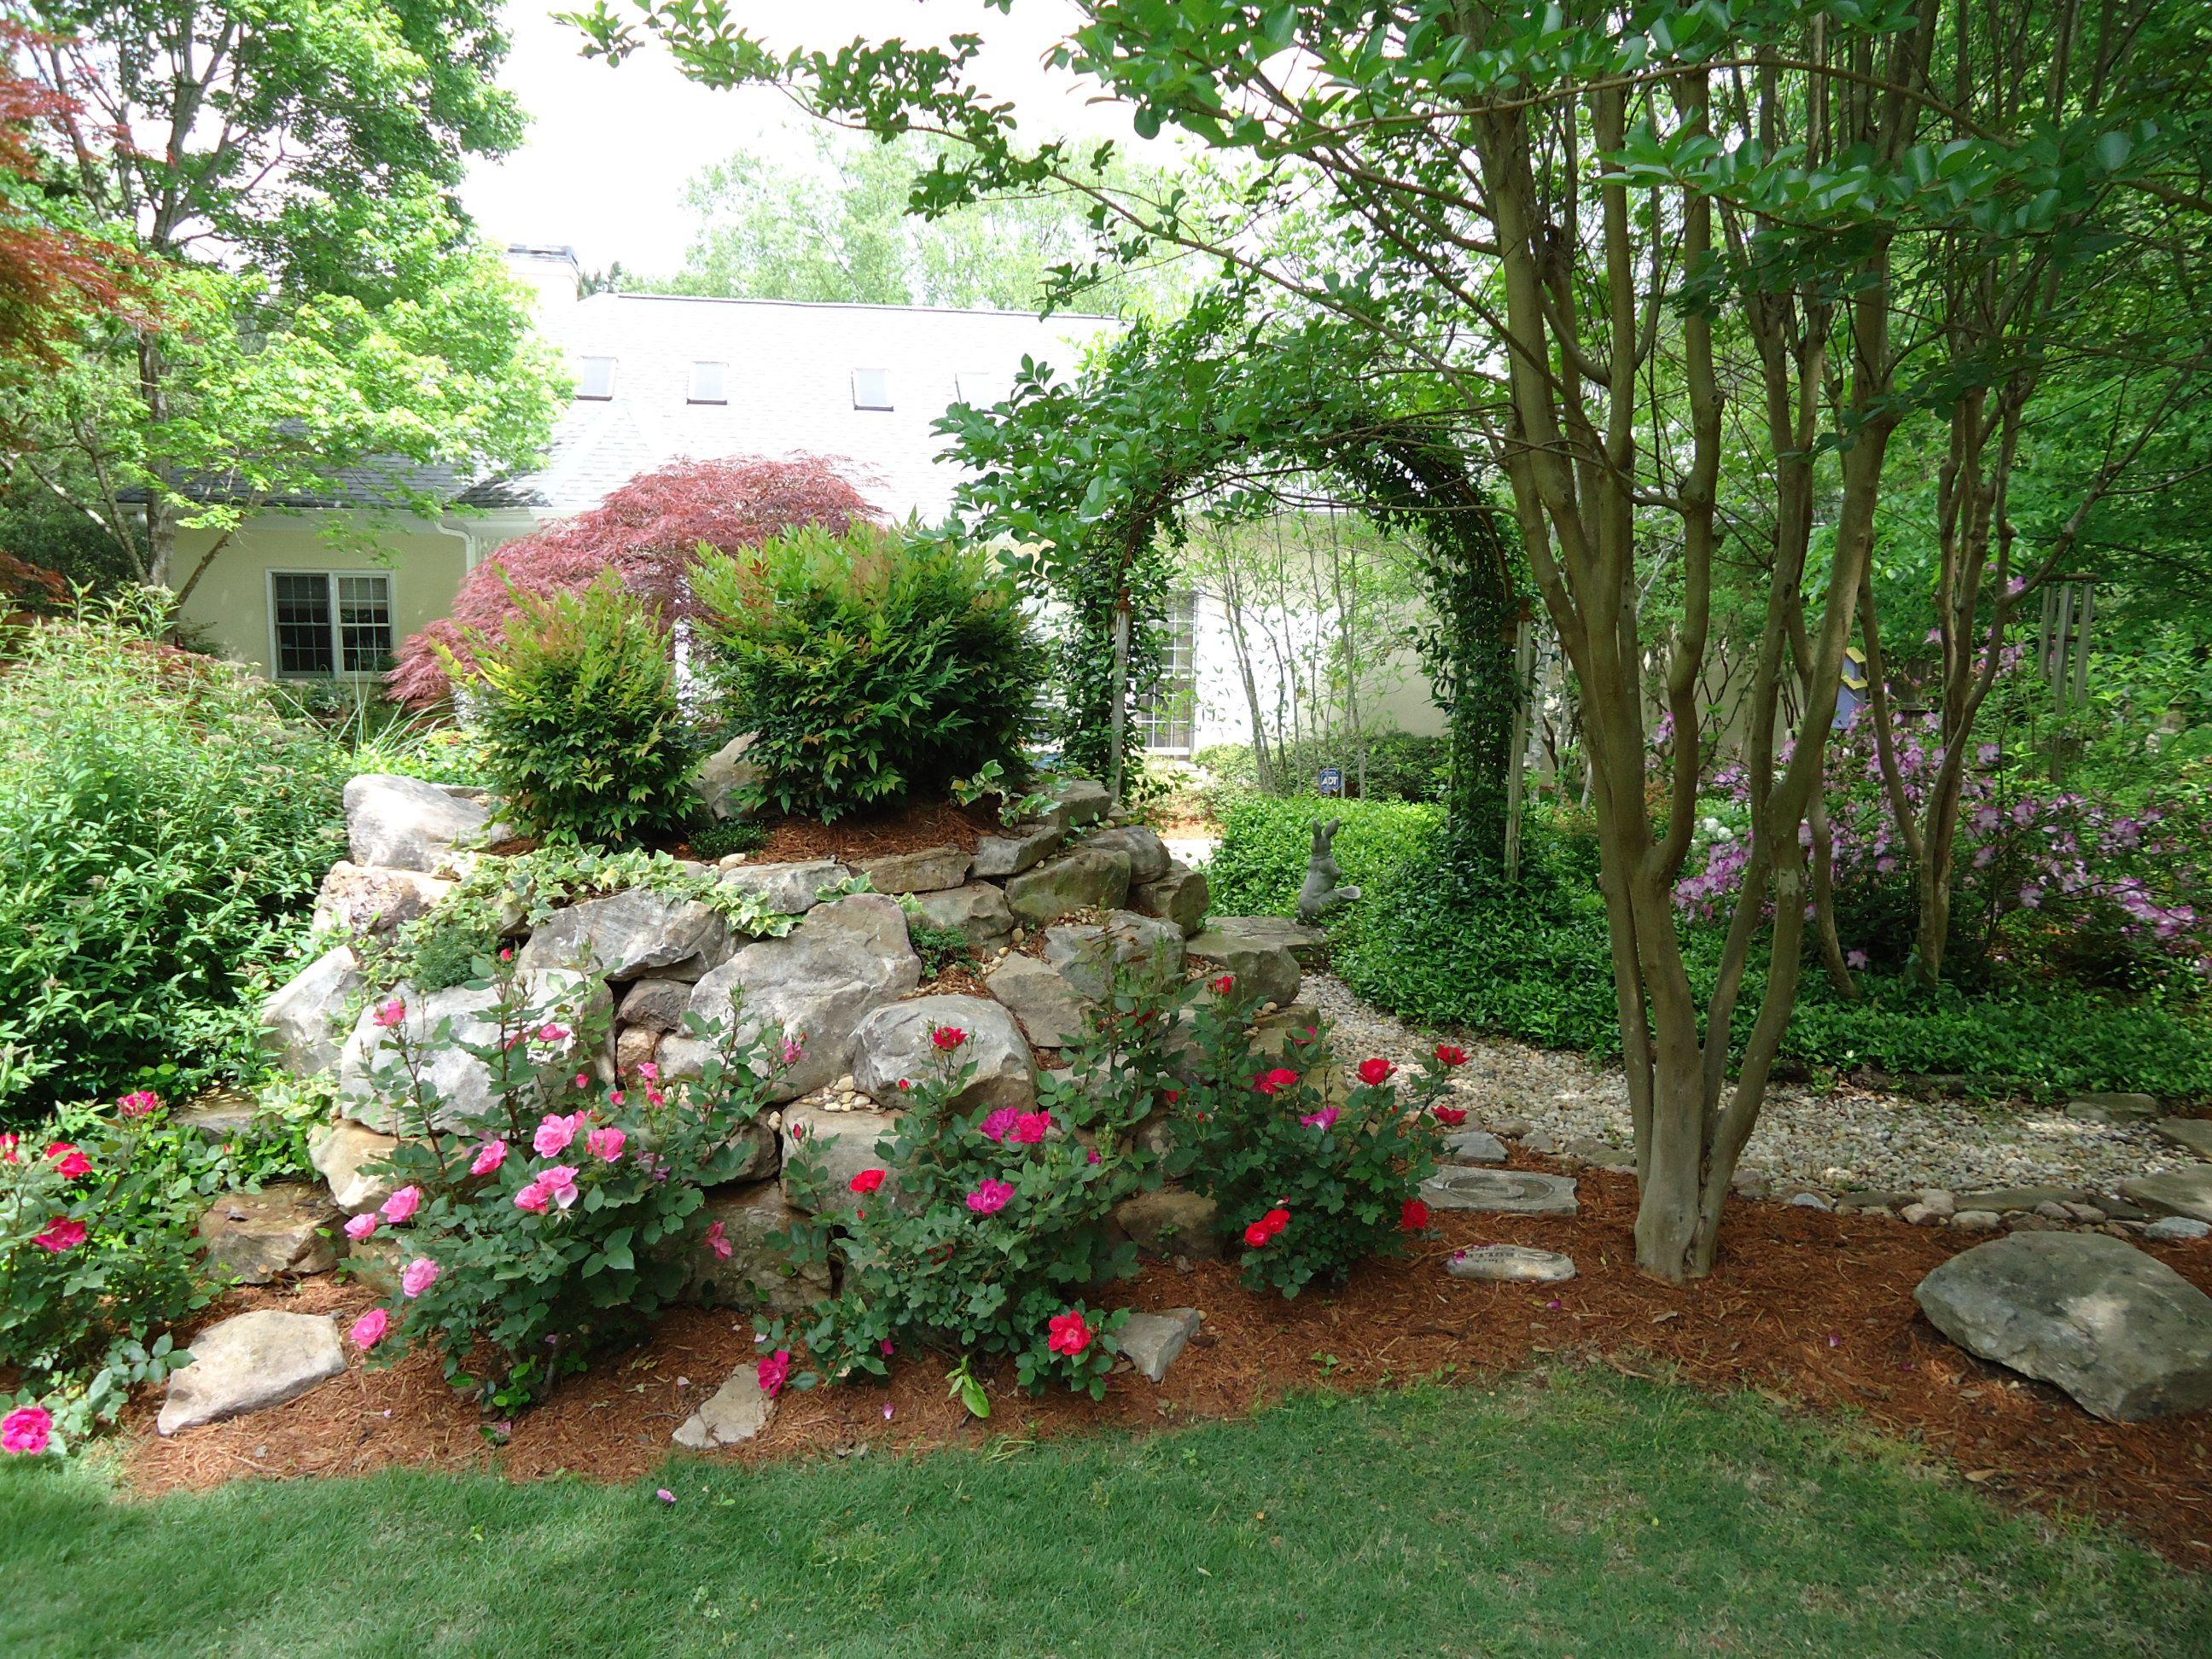 Spring rock garden | Rock garden, Garden art, Garden ideas ...